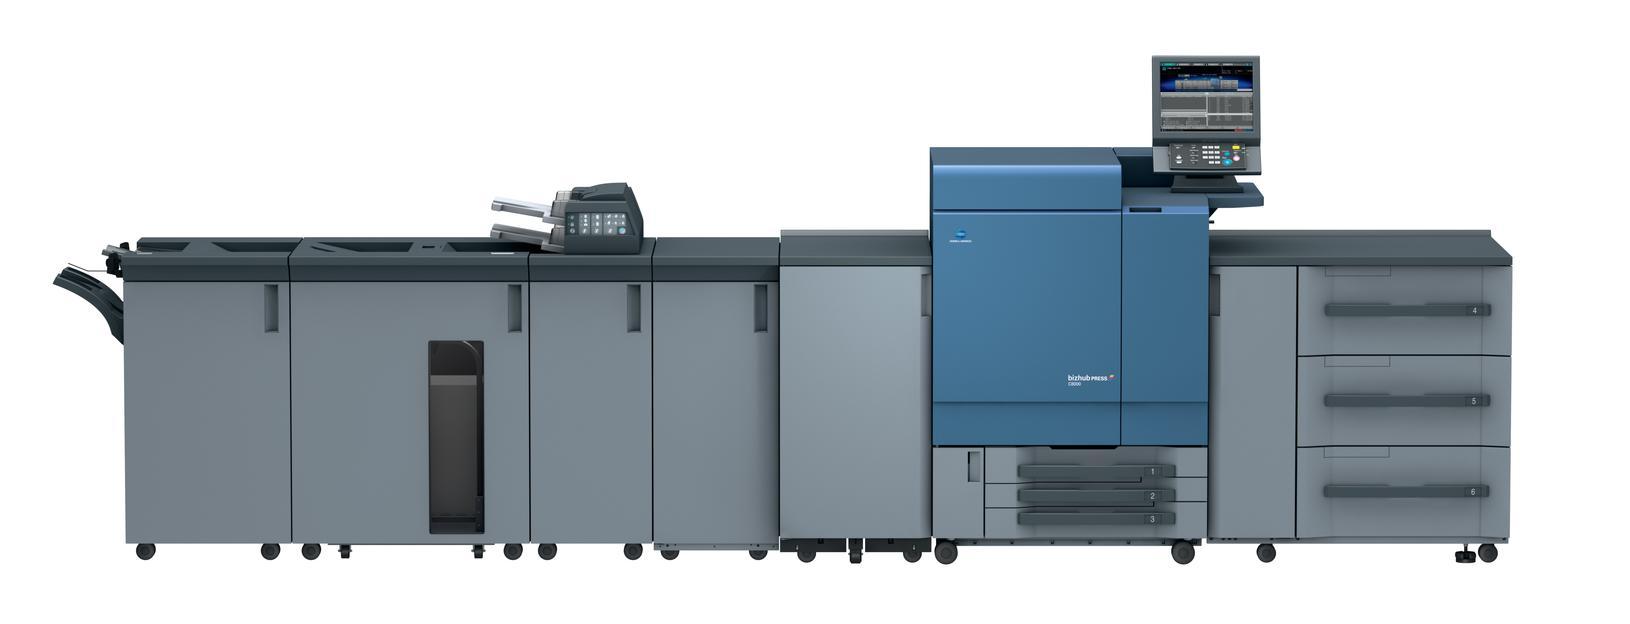 bizhub PRESS C8000 е най-продаваната производствена система за печат